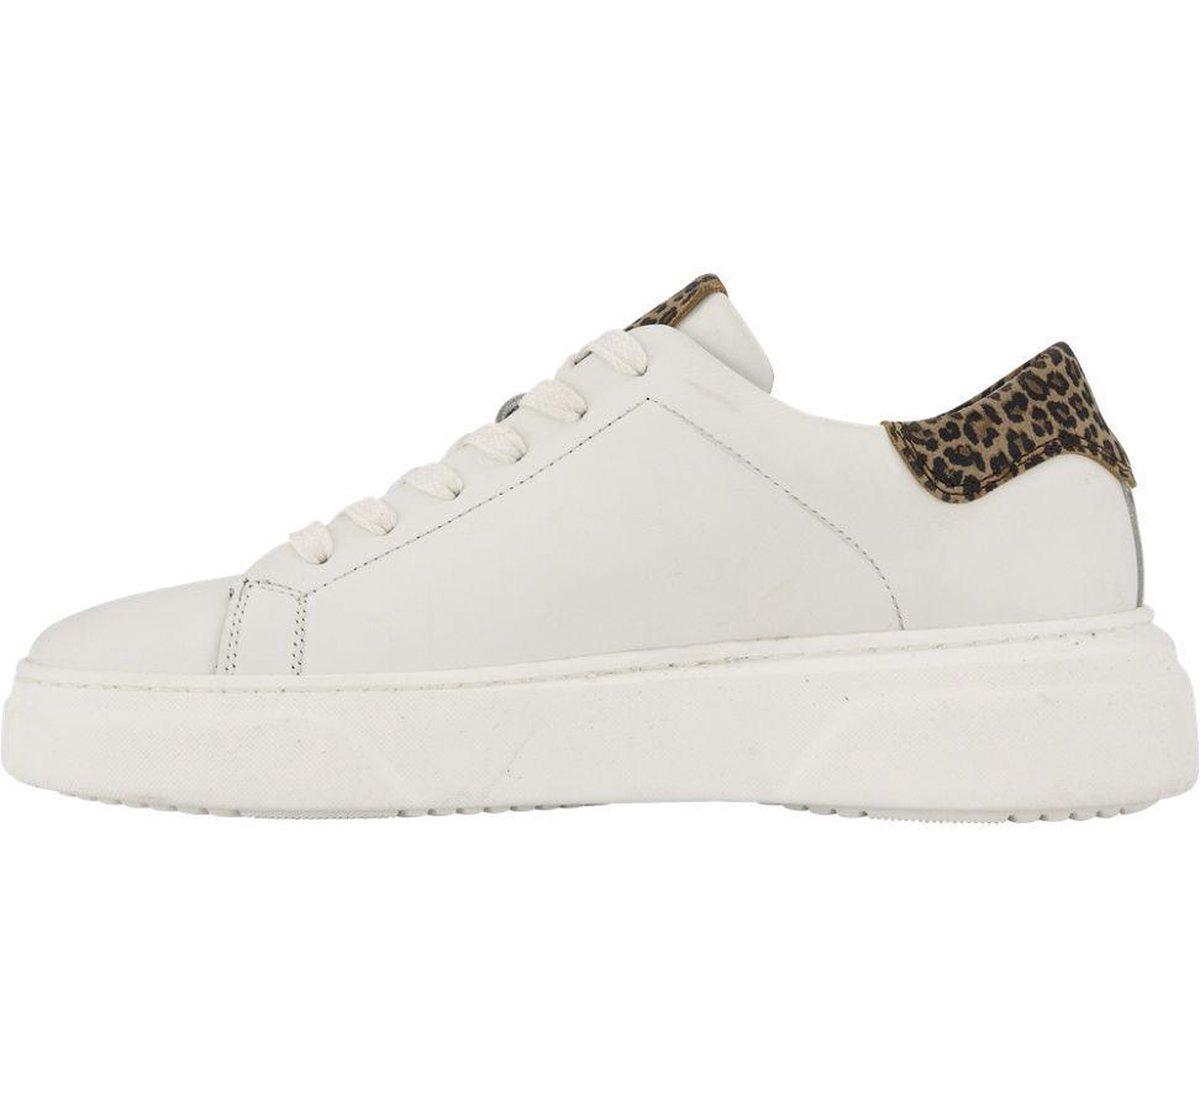 5th Avenue Dames Witte leren sneaker panterprint - Maat 36 Sneakers